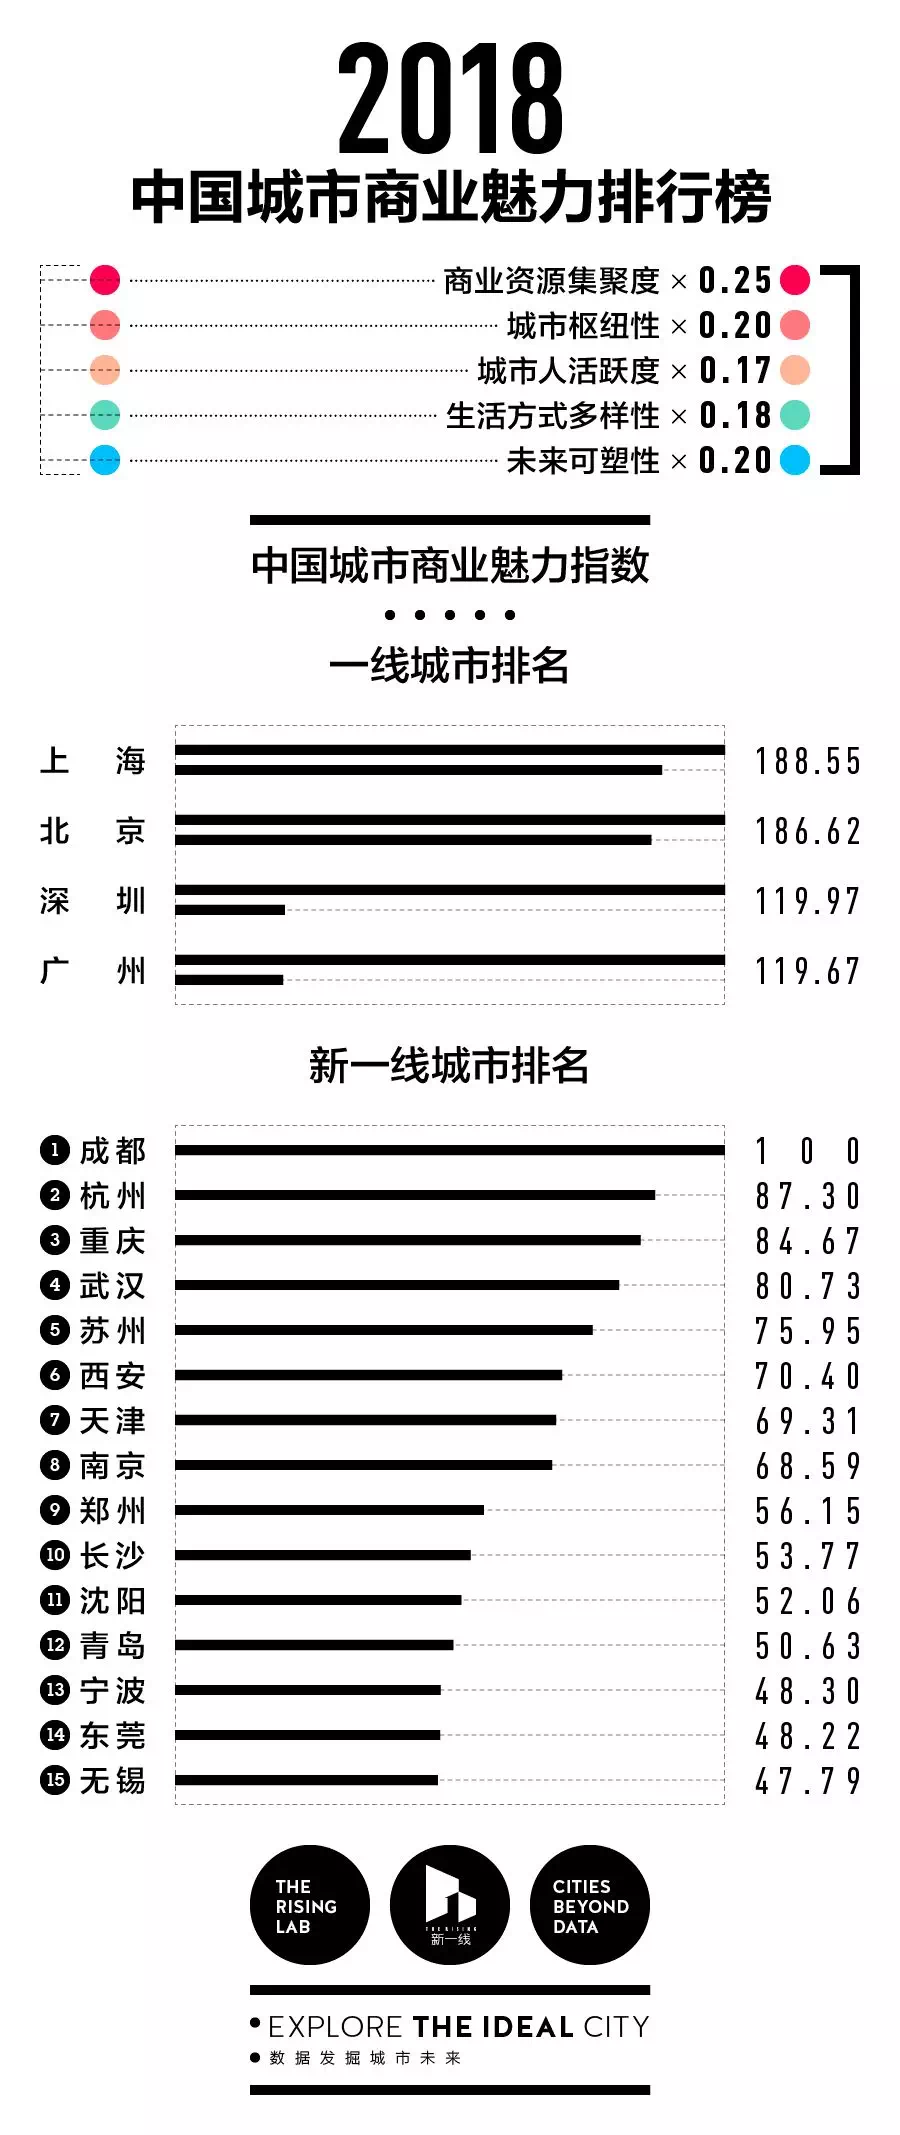 """厉害了!中国33个城市入选""""世界城市"""",成都跃升第二梯队"""